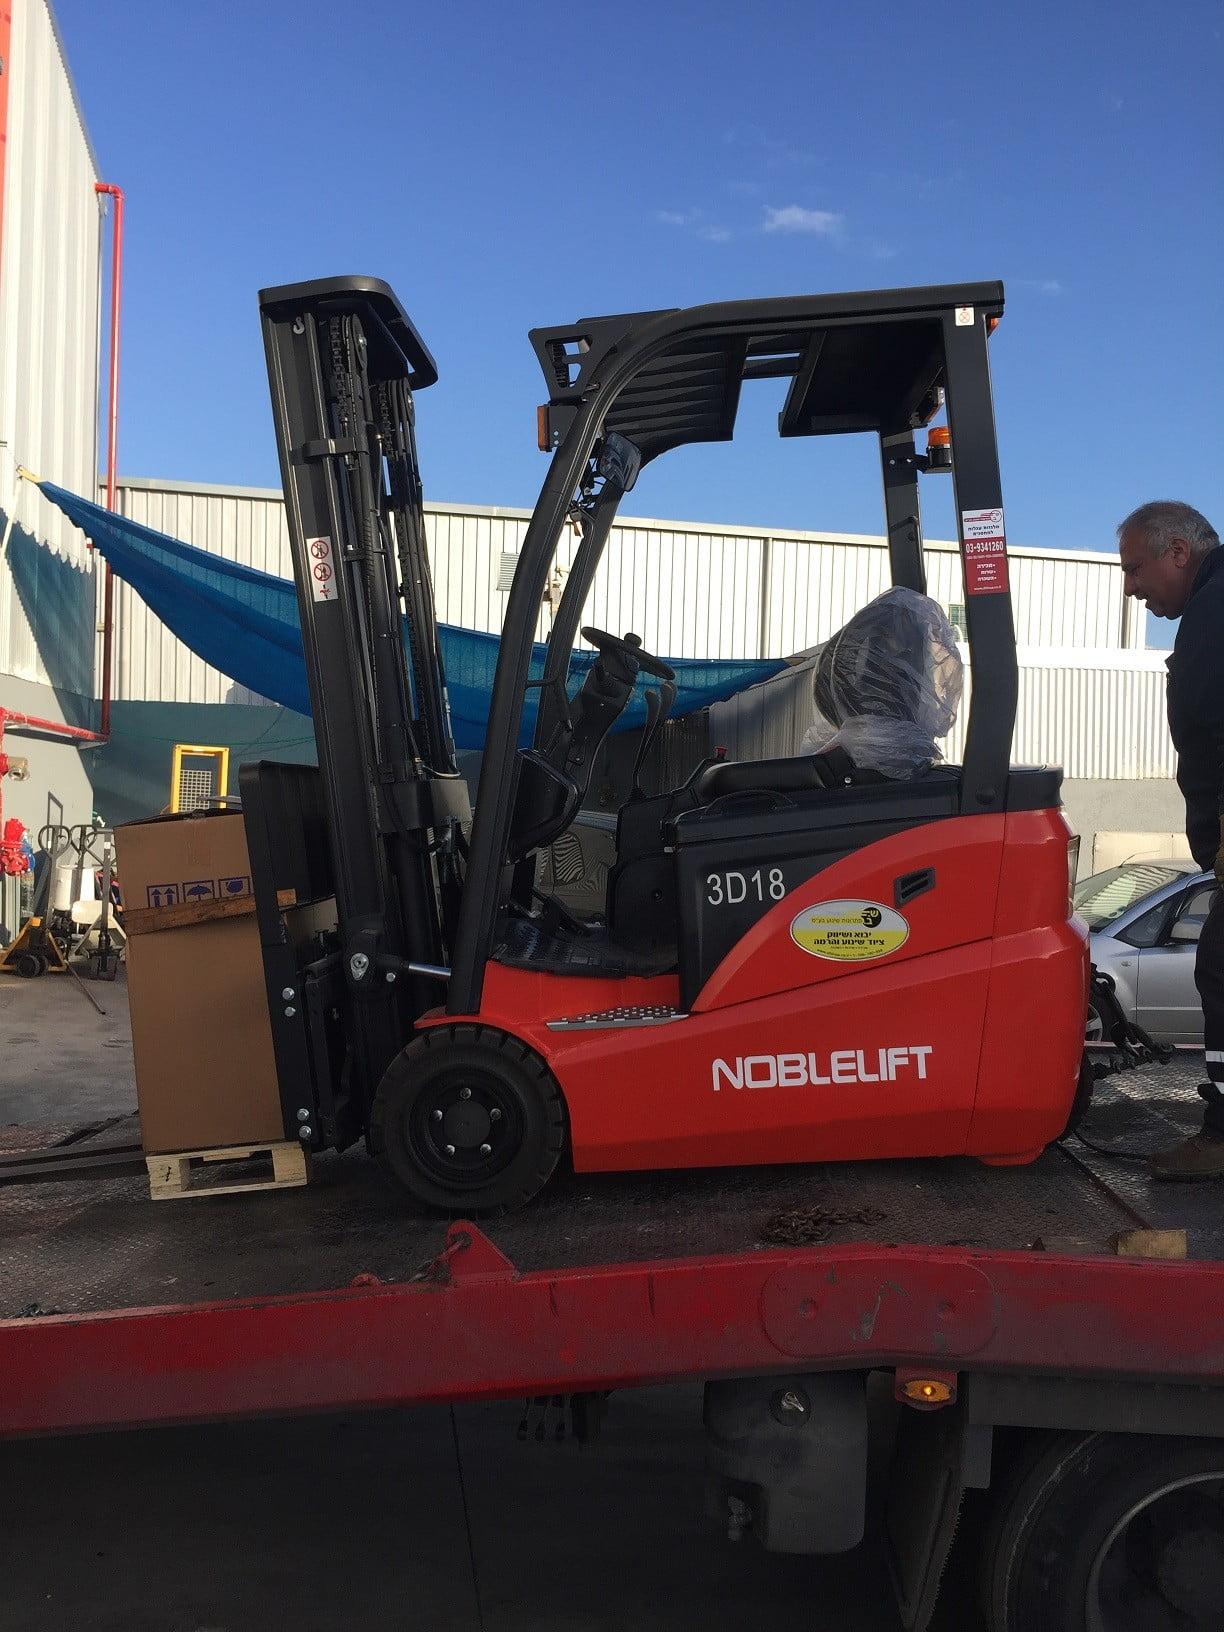 חשמלית שלש גלגלים 1.8 טוןאספקה ללקוח e1515750070507 - מלגזה חשמלית שלושה גלגלים 1.8 טון אספקה ללקוח לאספקת מזגנים